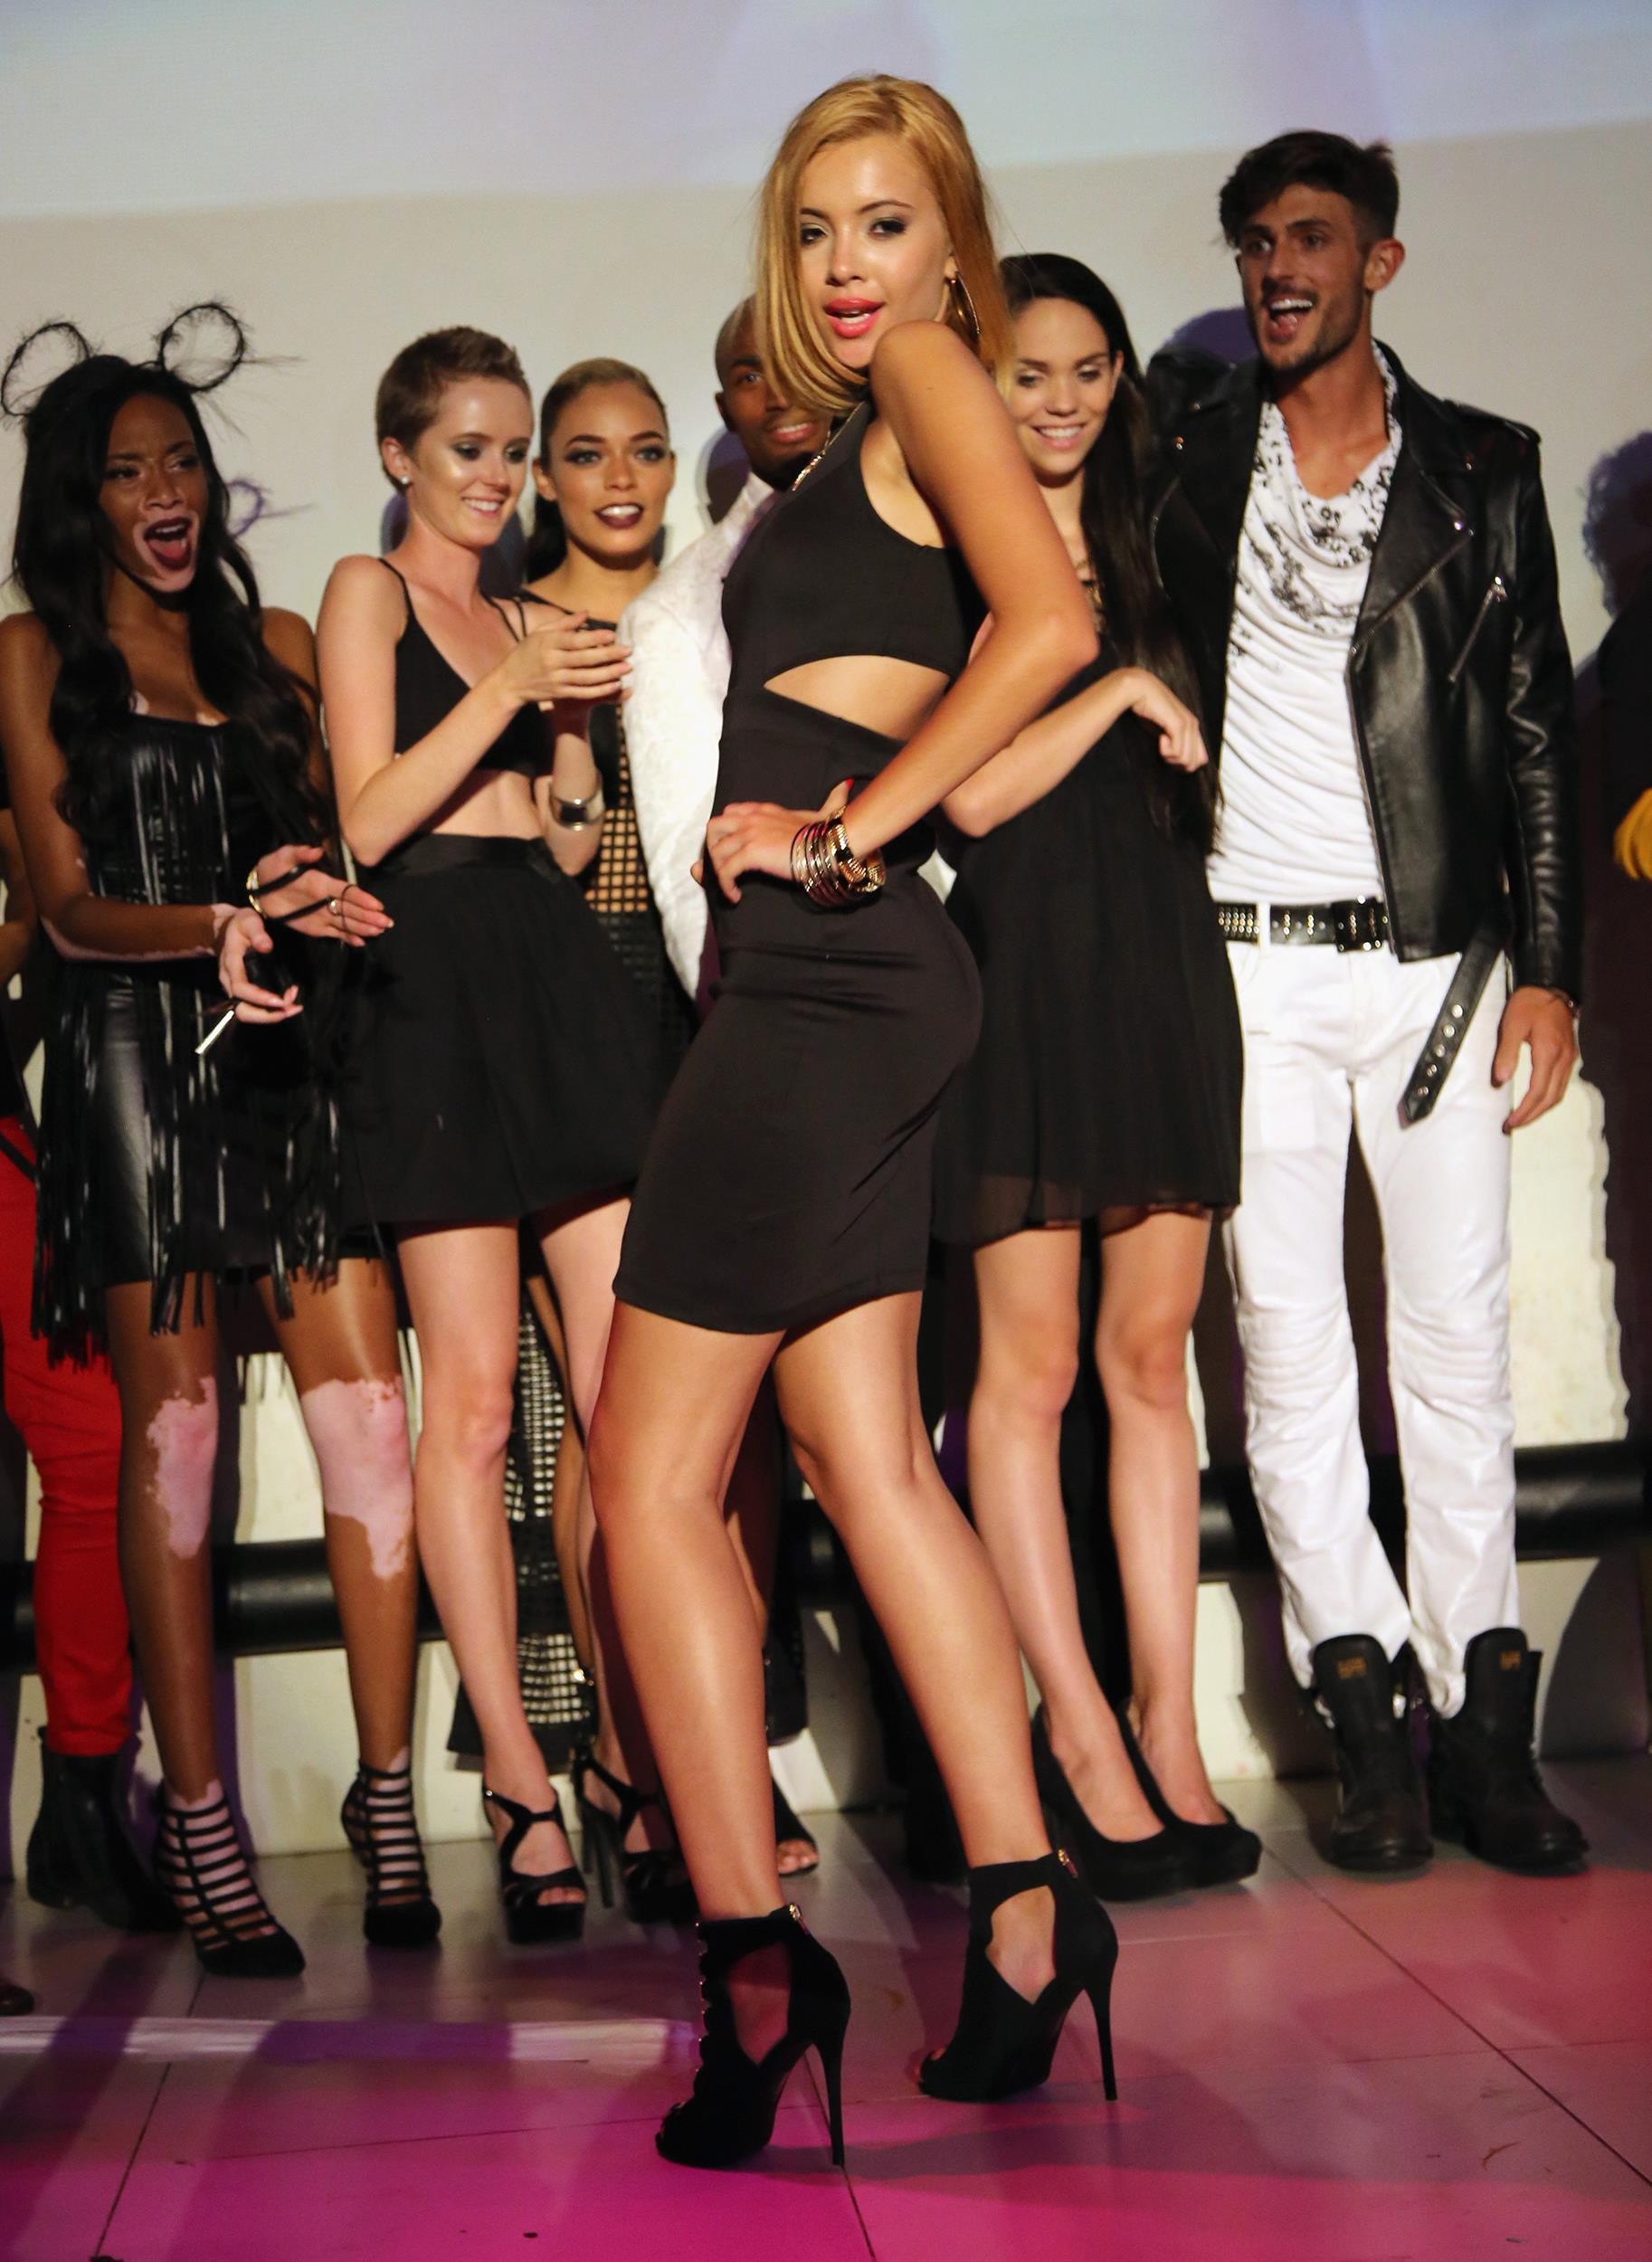 Americas next top model contestant mirjana puhar found murdered